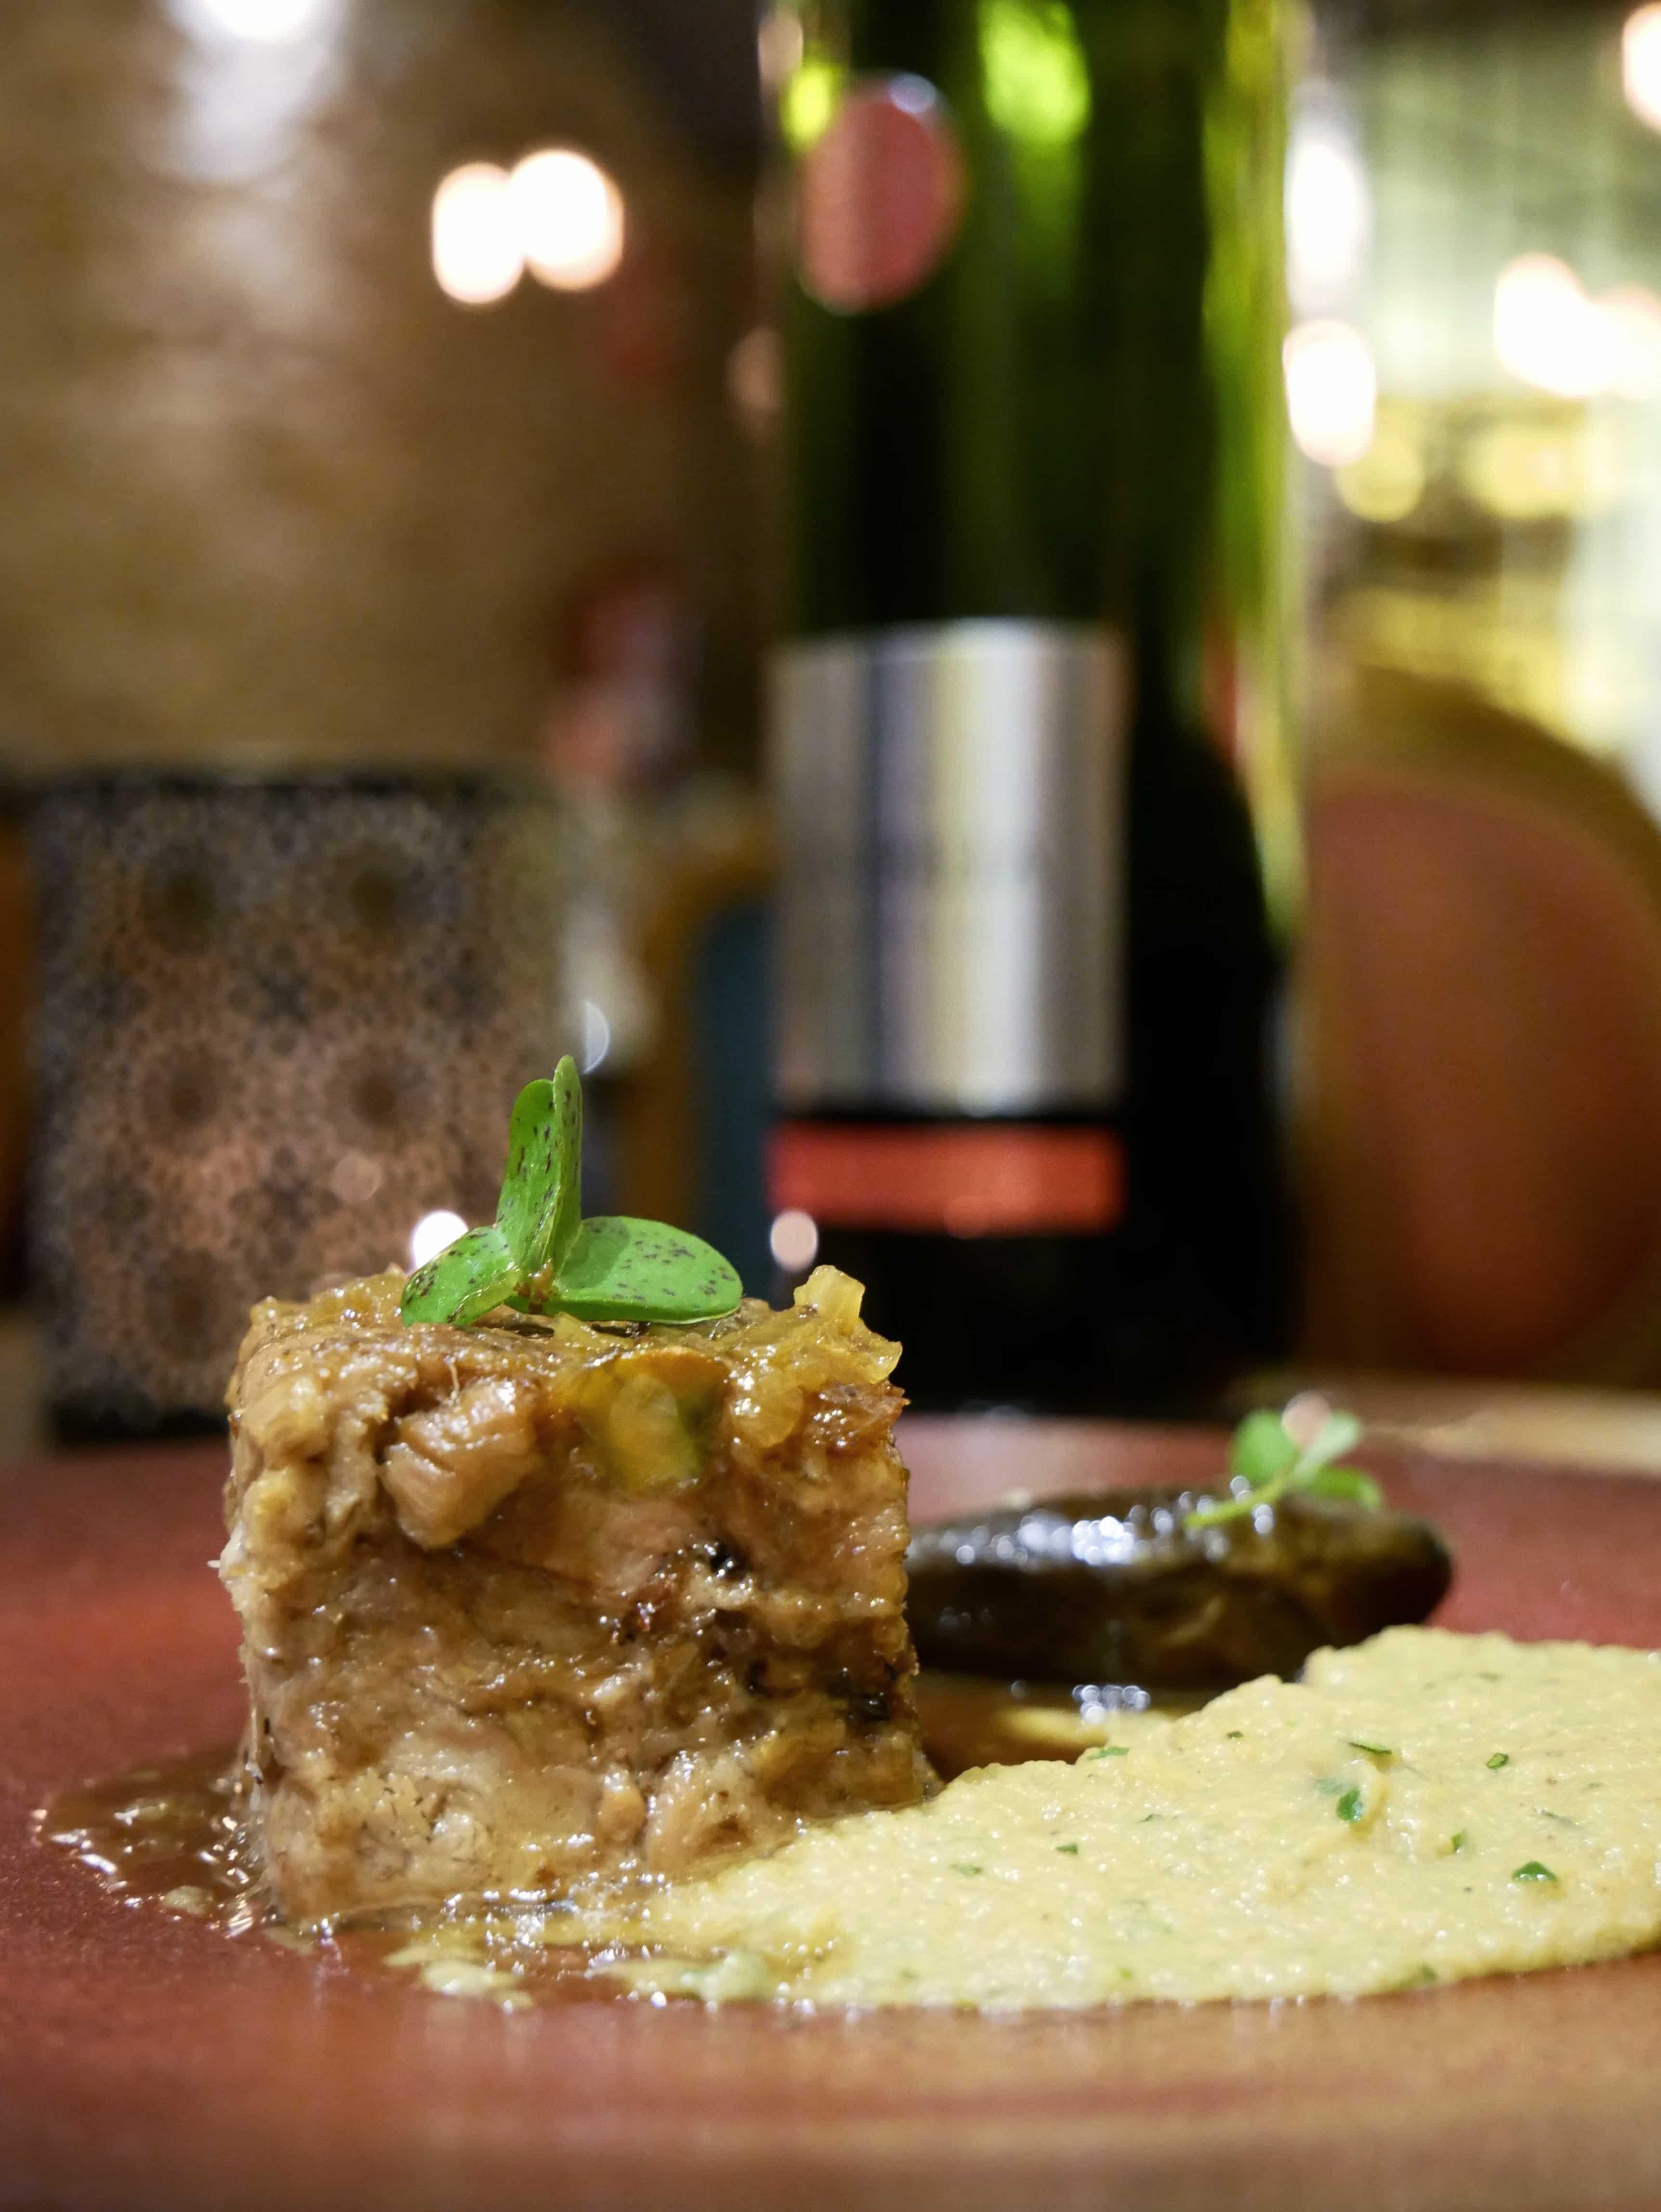 Magnífico Imágenes De Cocina Granja Francesa Imagen - Como Decorar ...